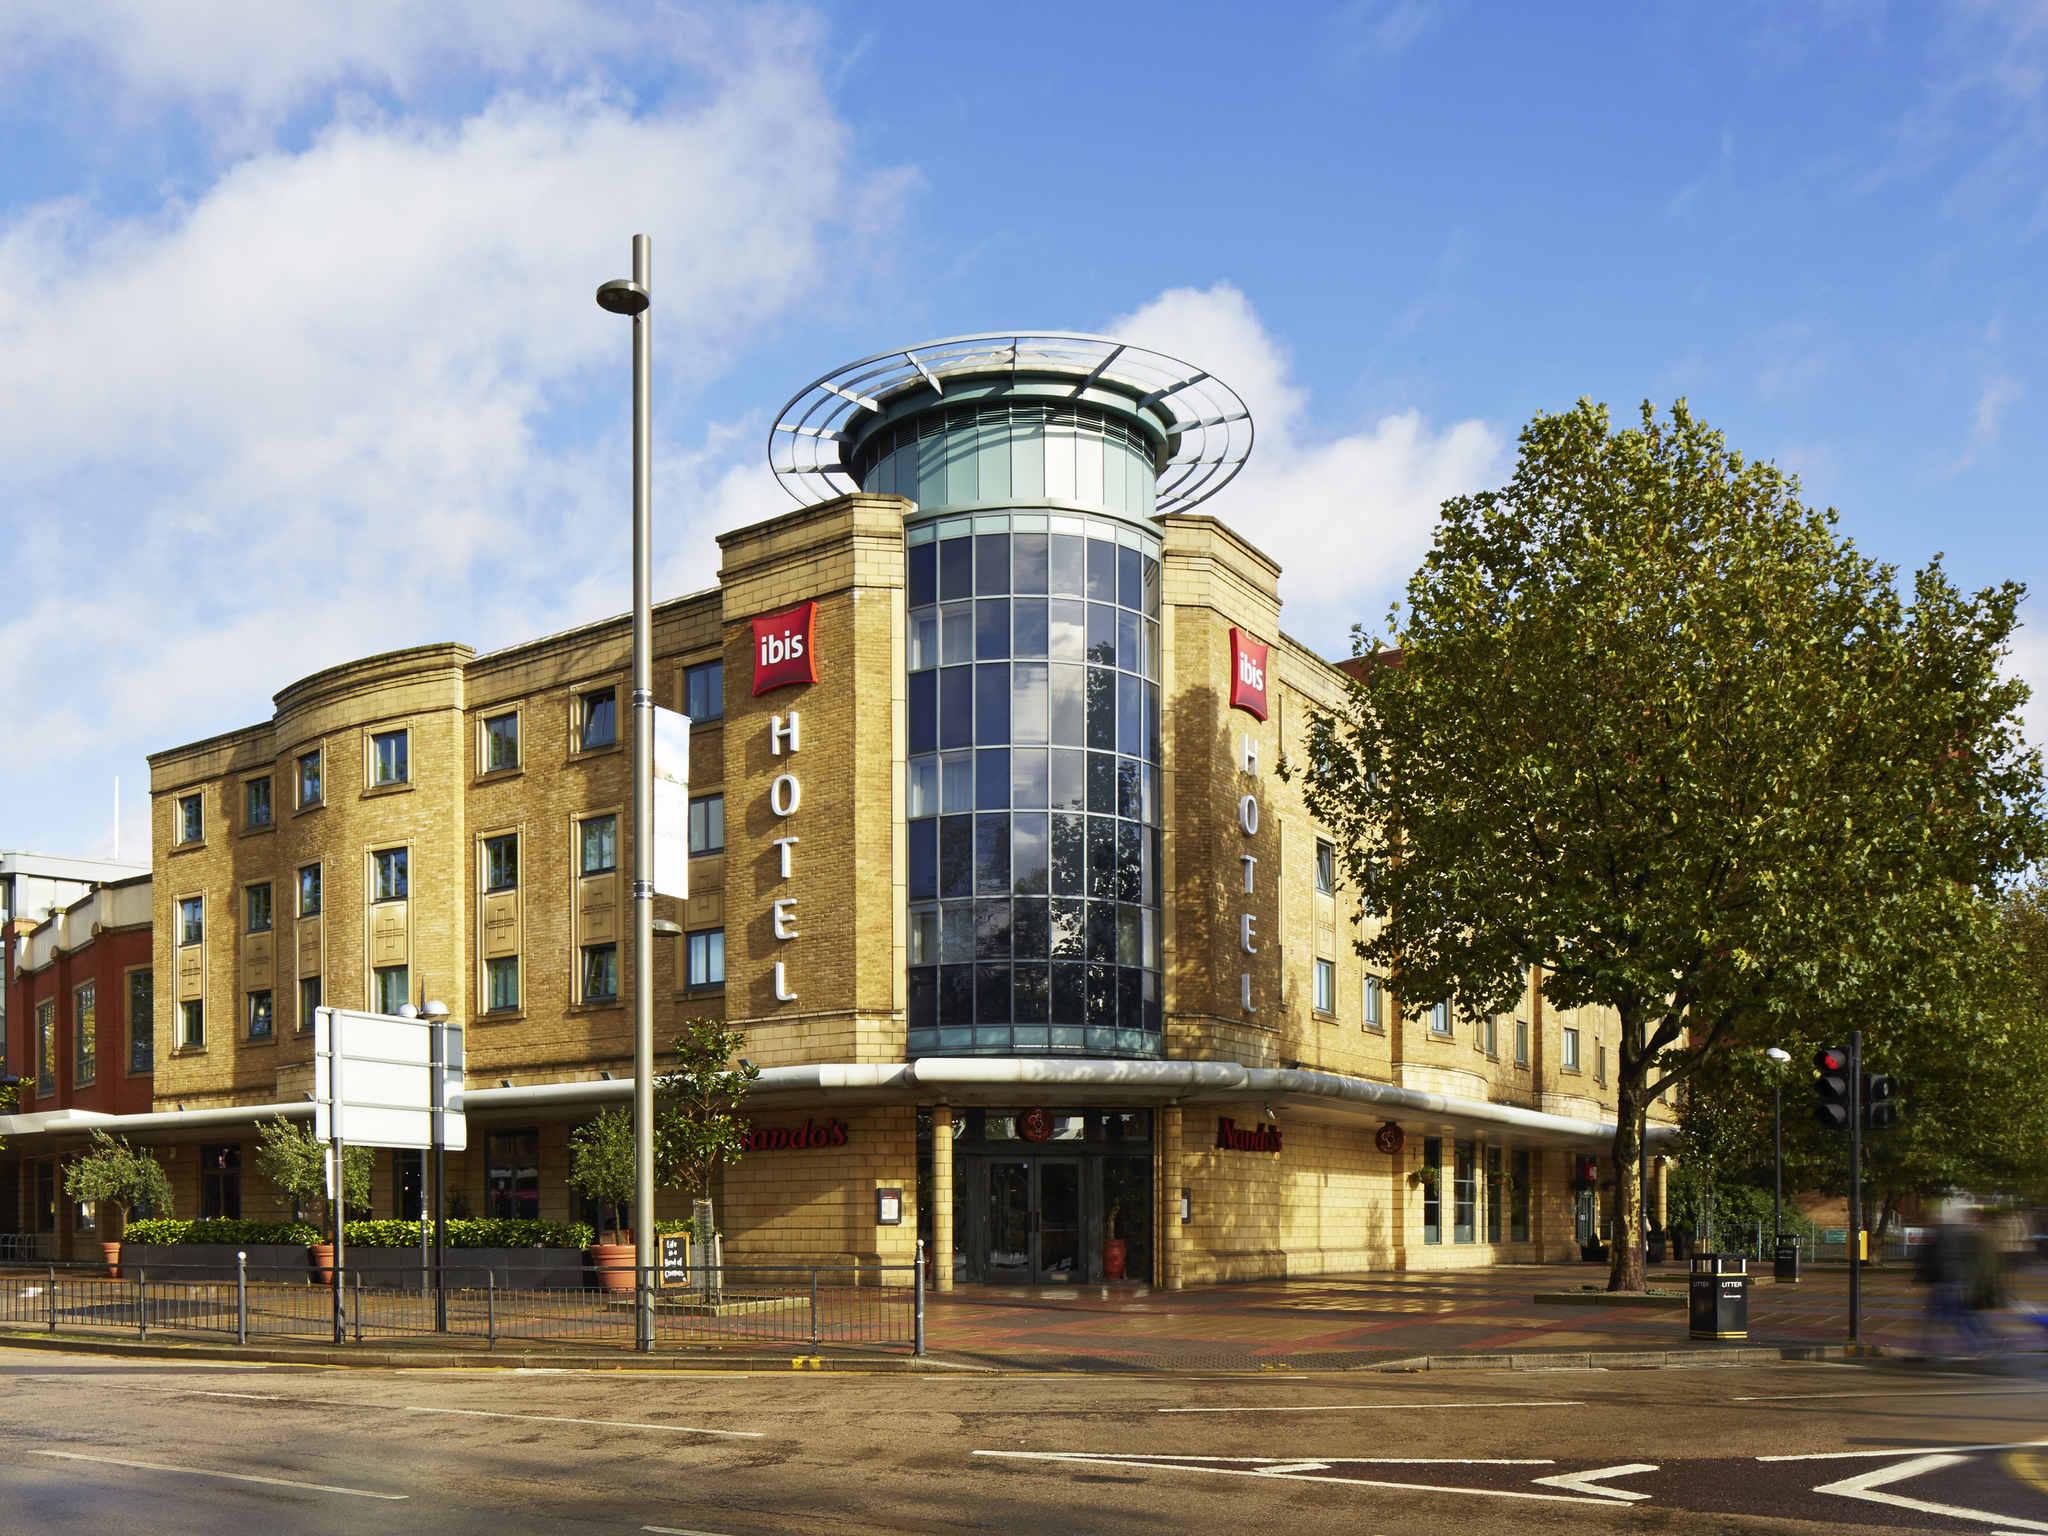 Hotel – ibis Londen Stratford